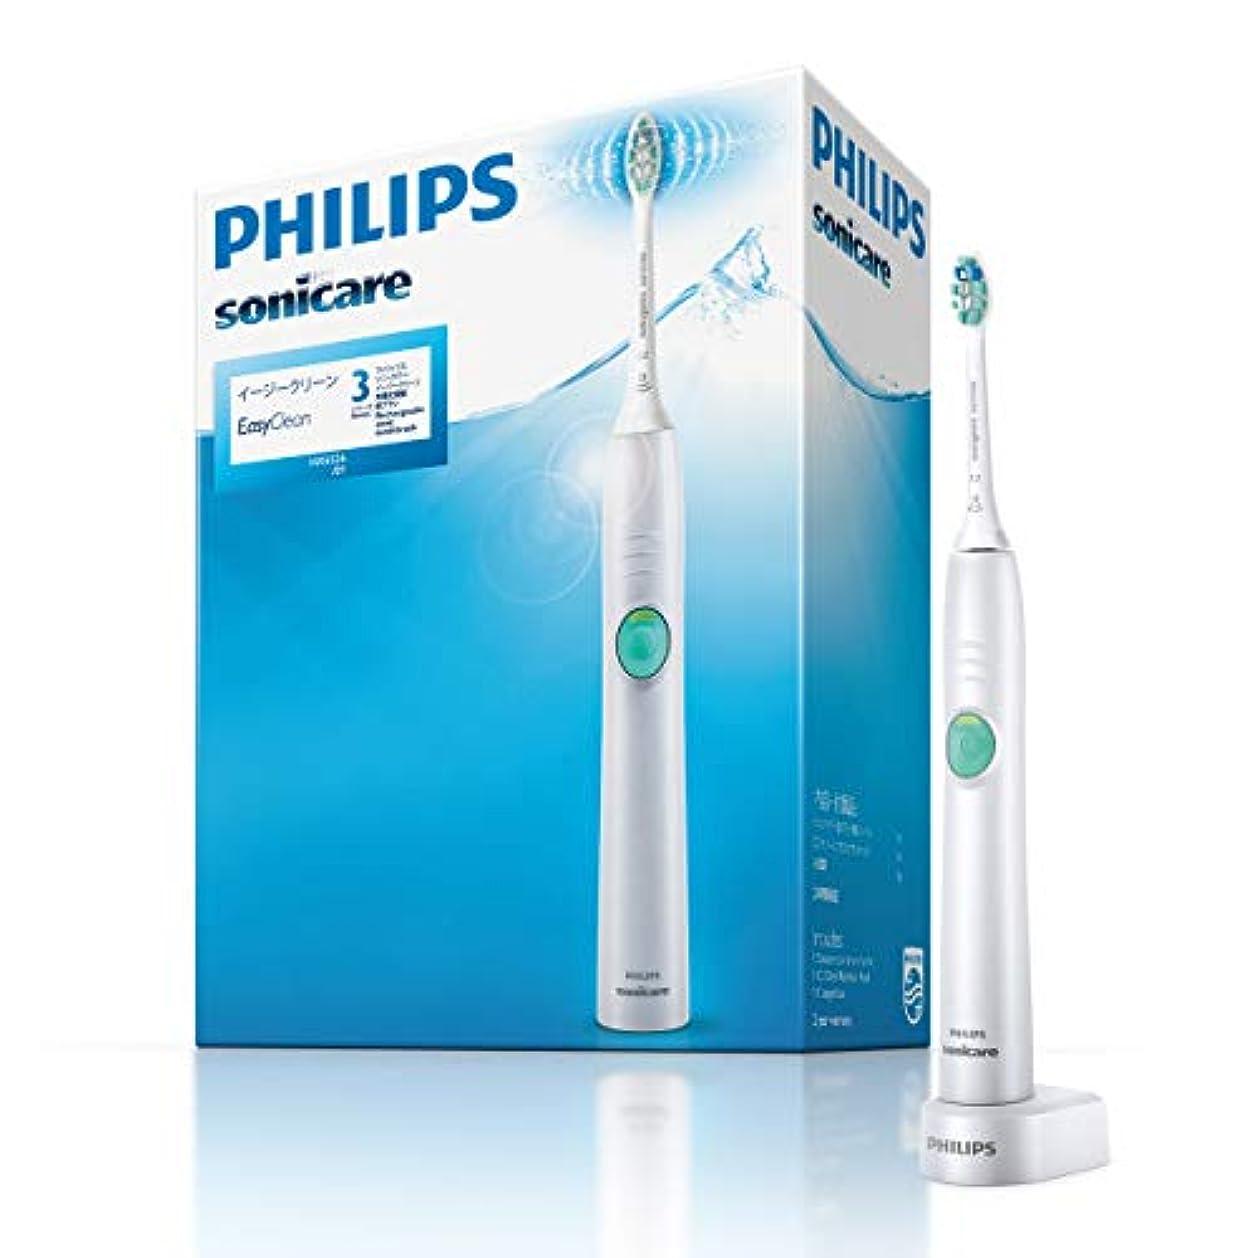 コインランドリーここに微生物フィリップス ソニッケアー イージークリーン 電動歯ブラシ ホワイト HX6551/01